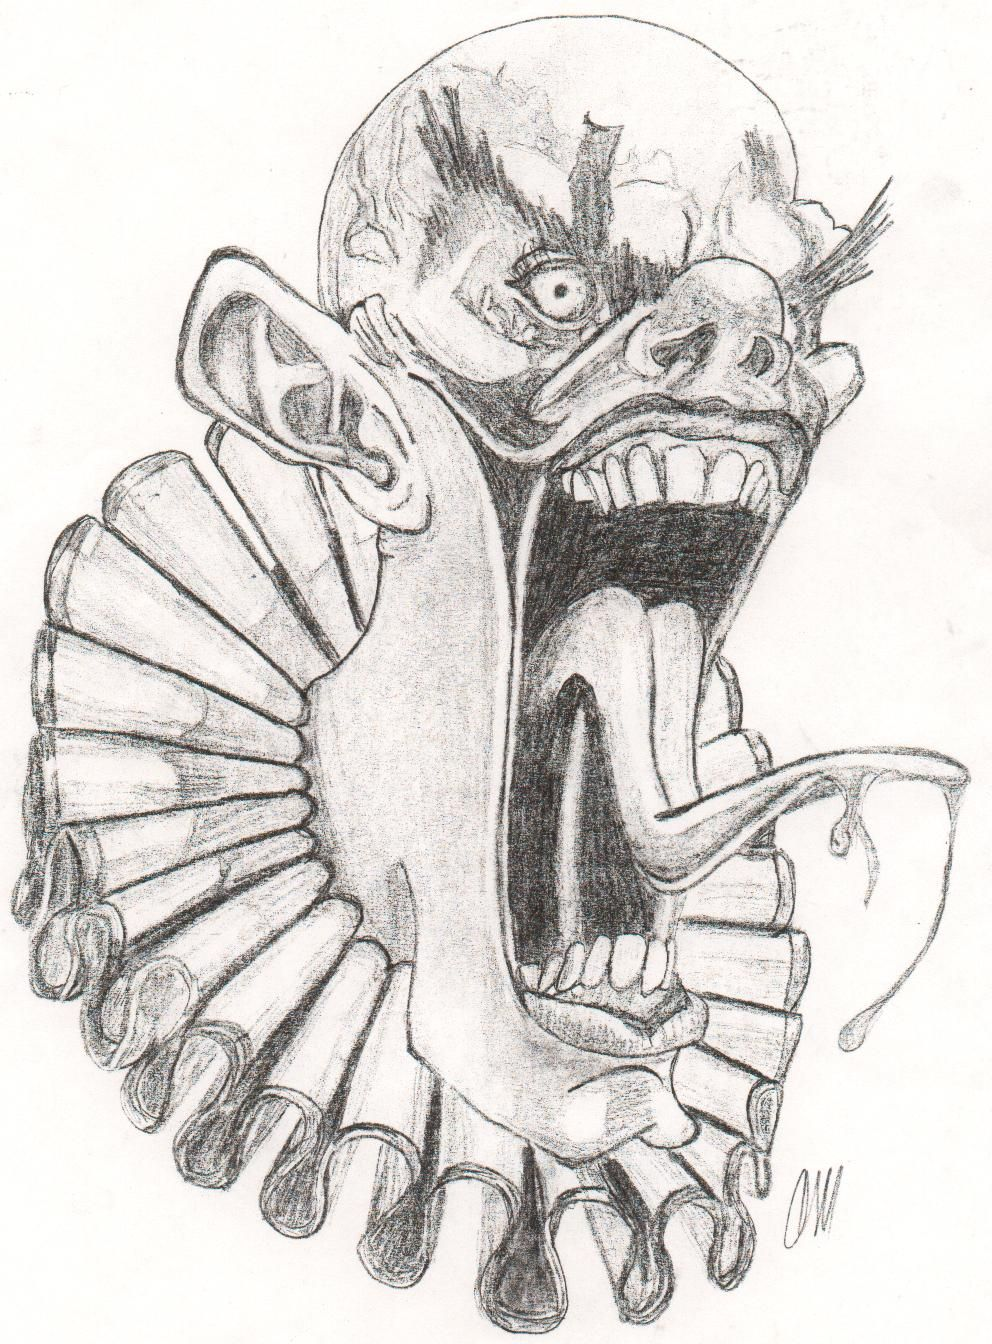 Pencil drawings of evil clowns 2017